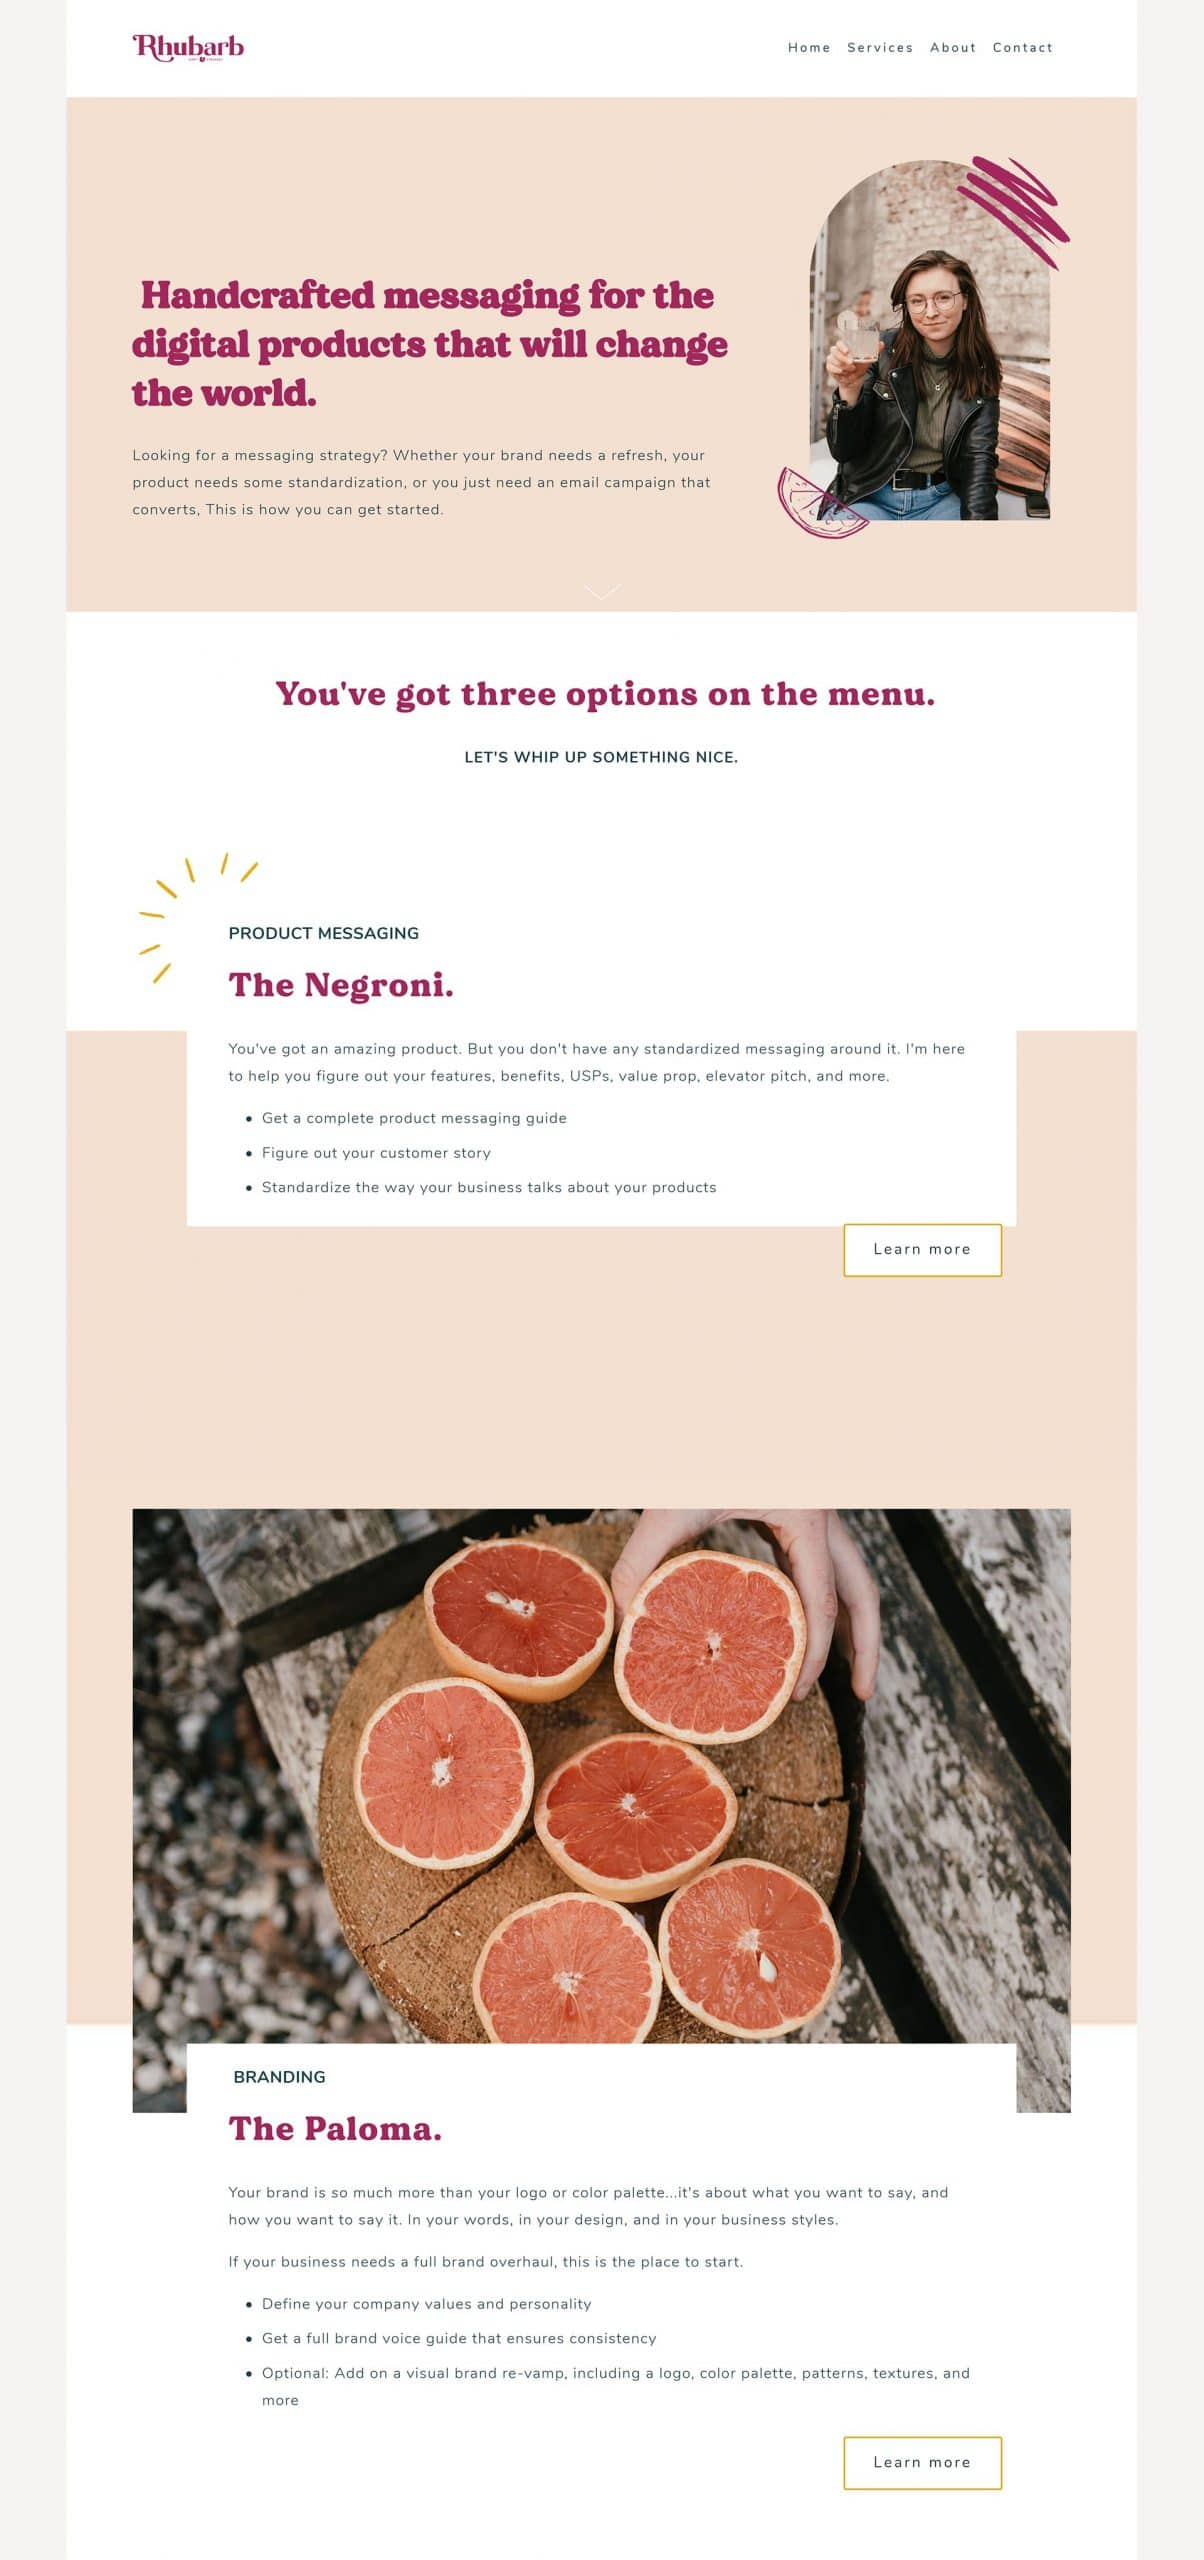 Rhubarb Copy Services Page Squarespace Design